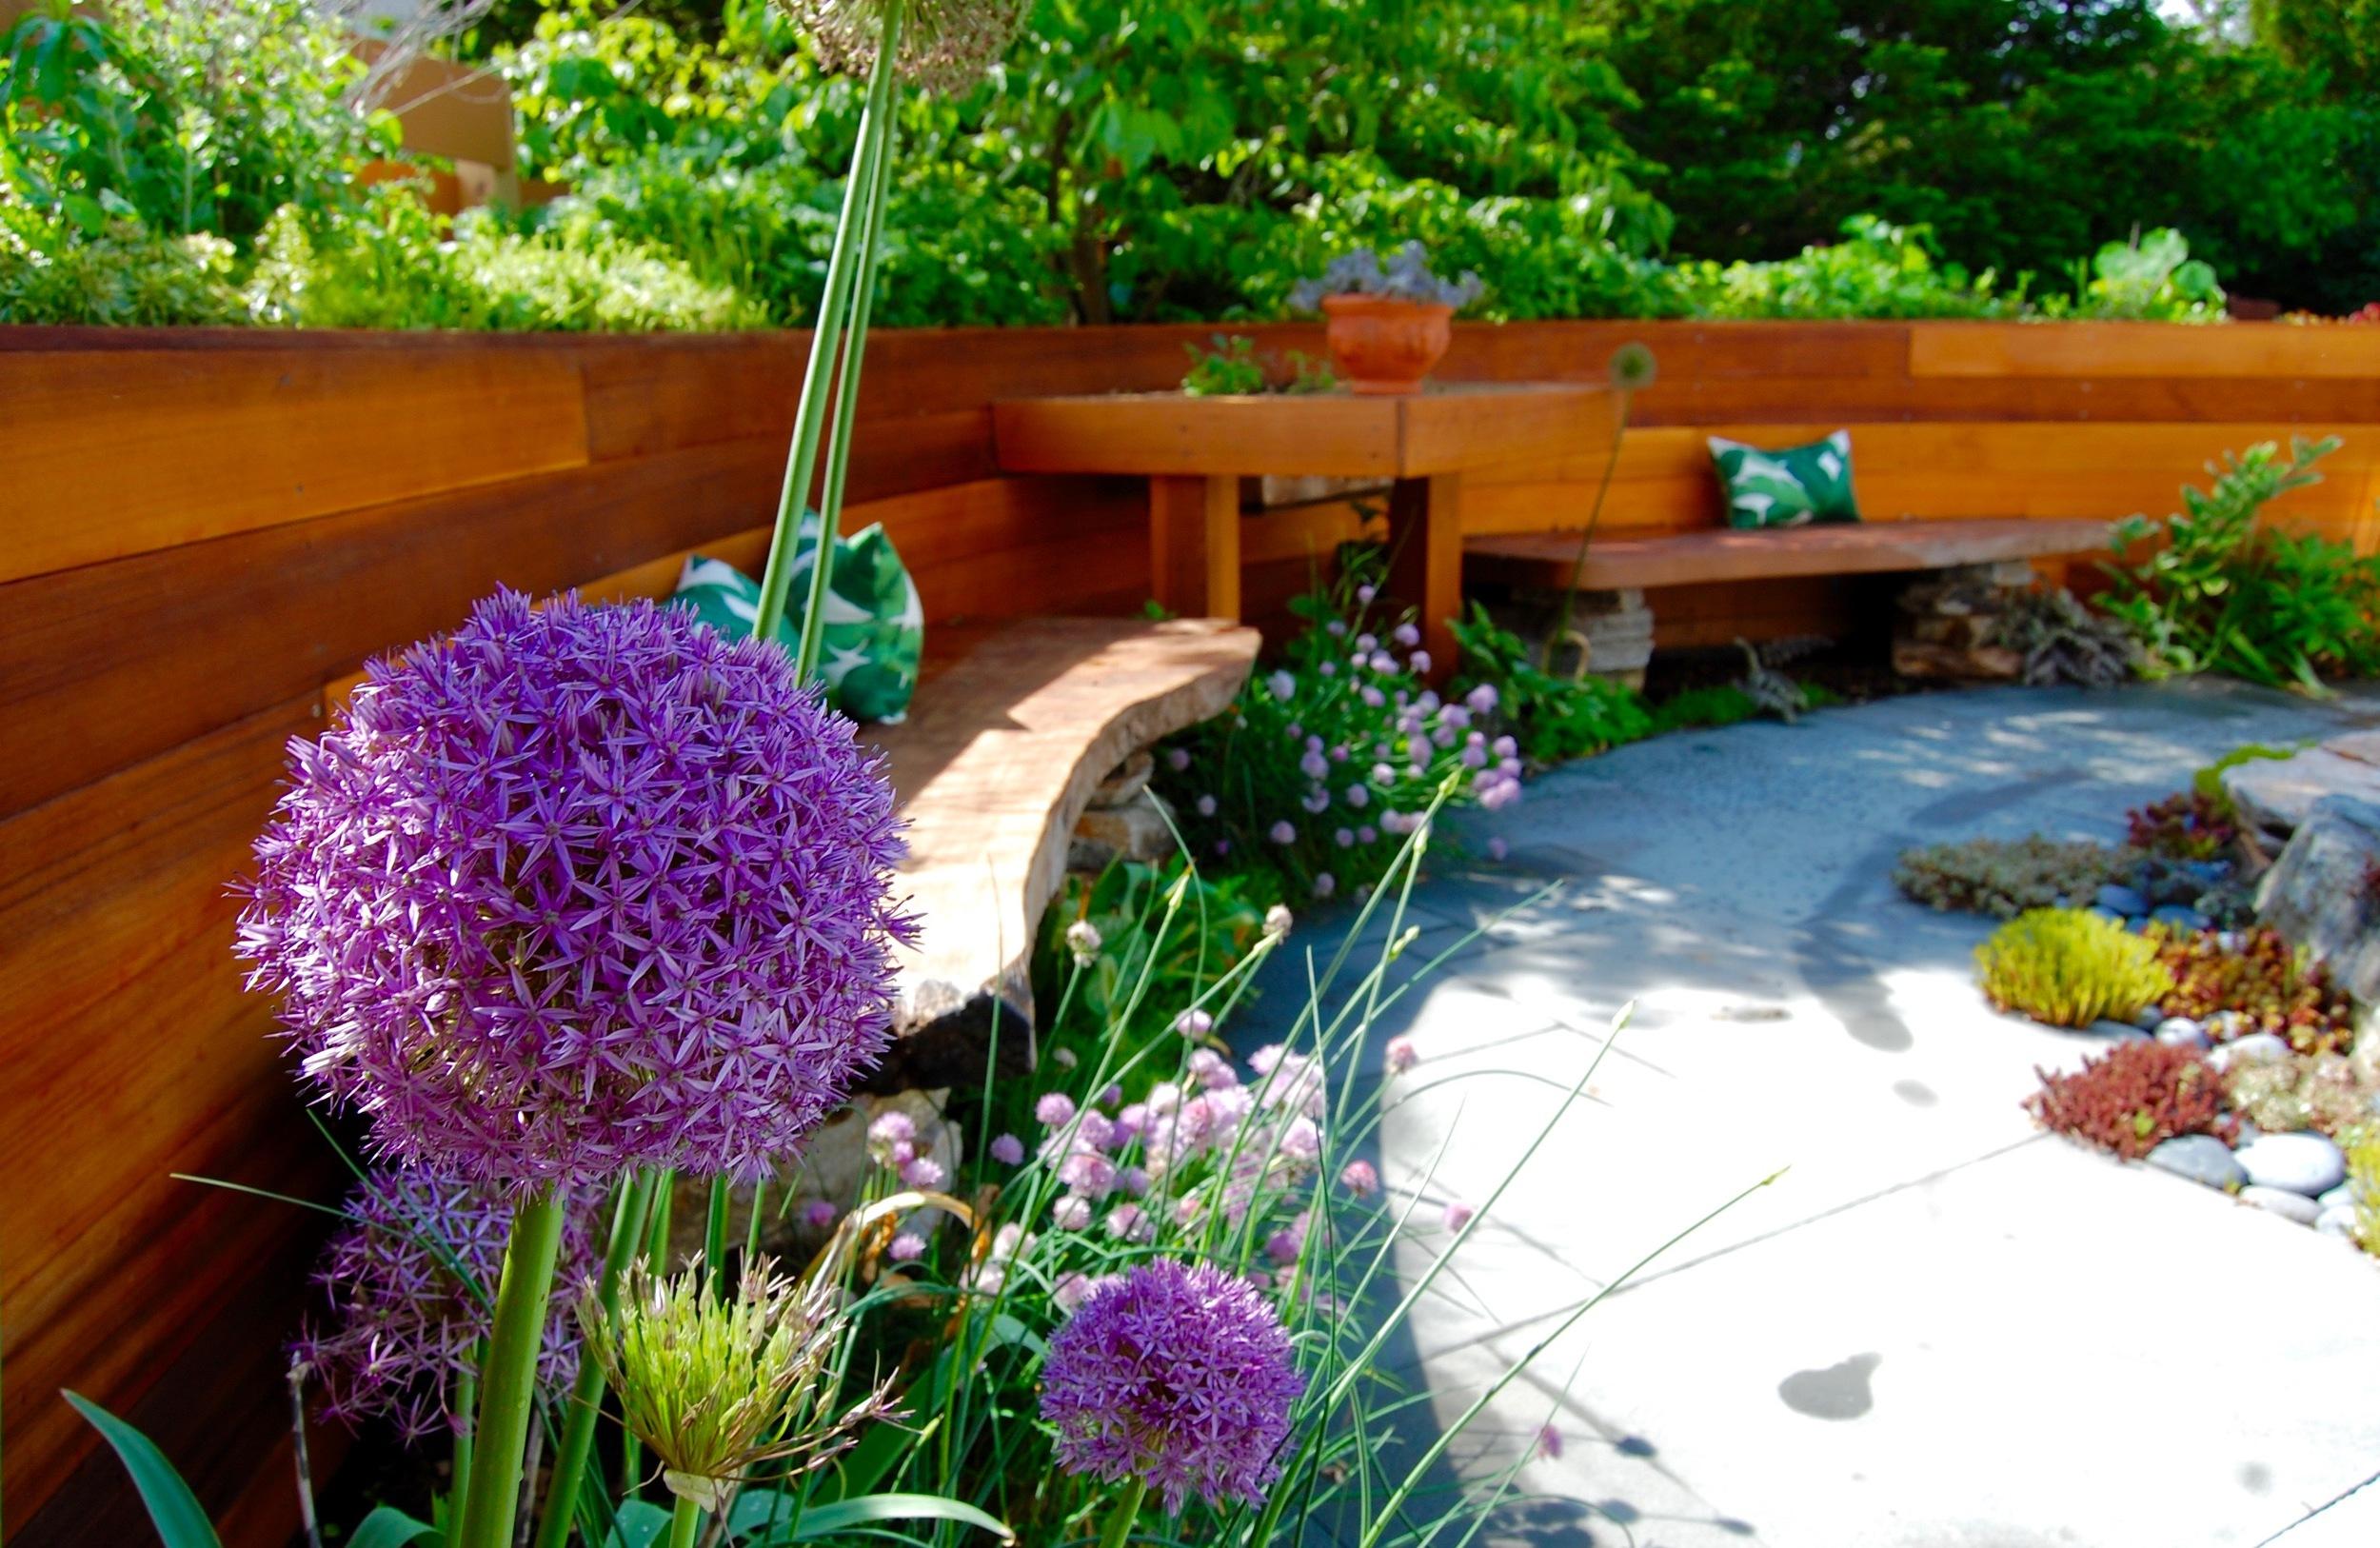 Artistic Edible Garden